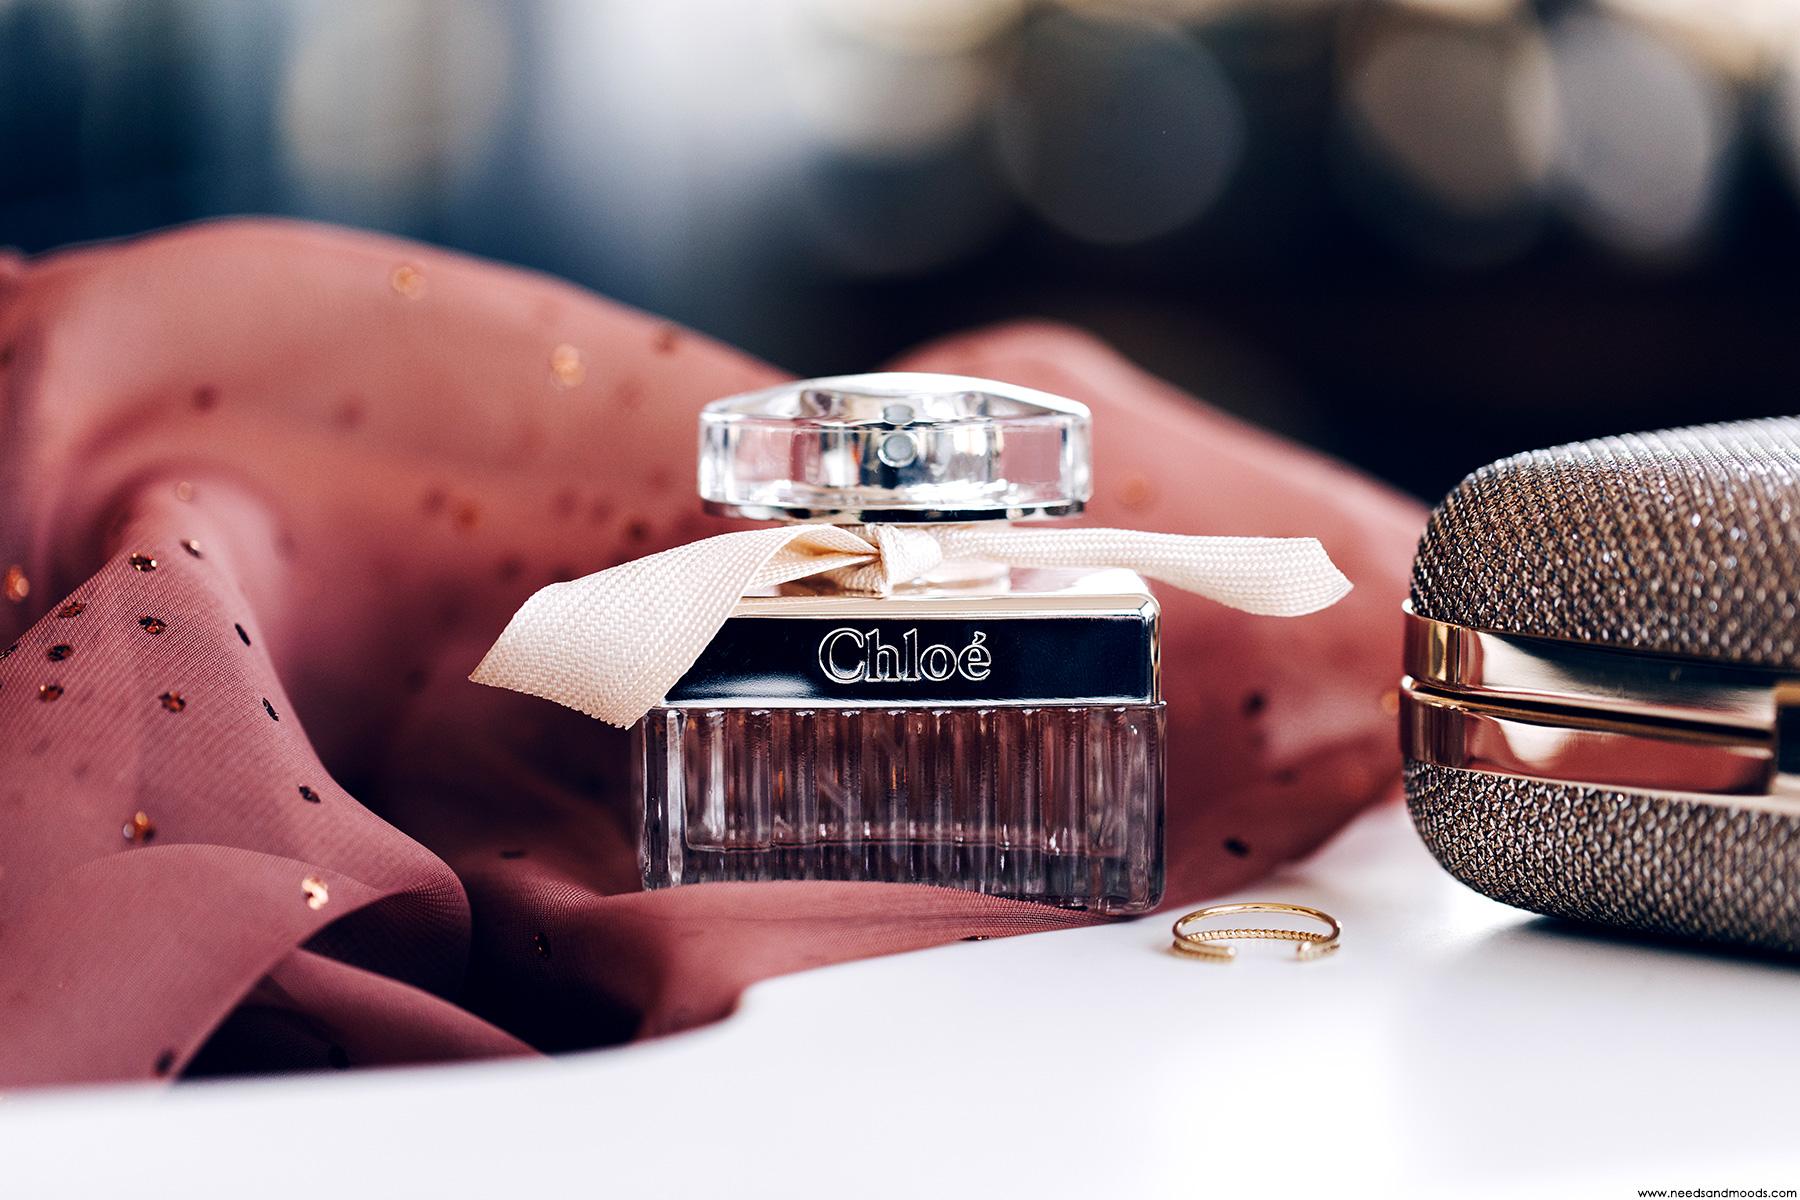 Chloé Fleur De Parfum Mon Test Et Avis Tenue Pyramide Olfactive